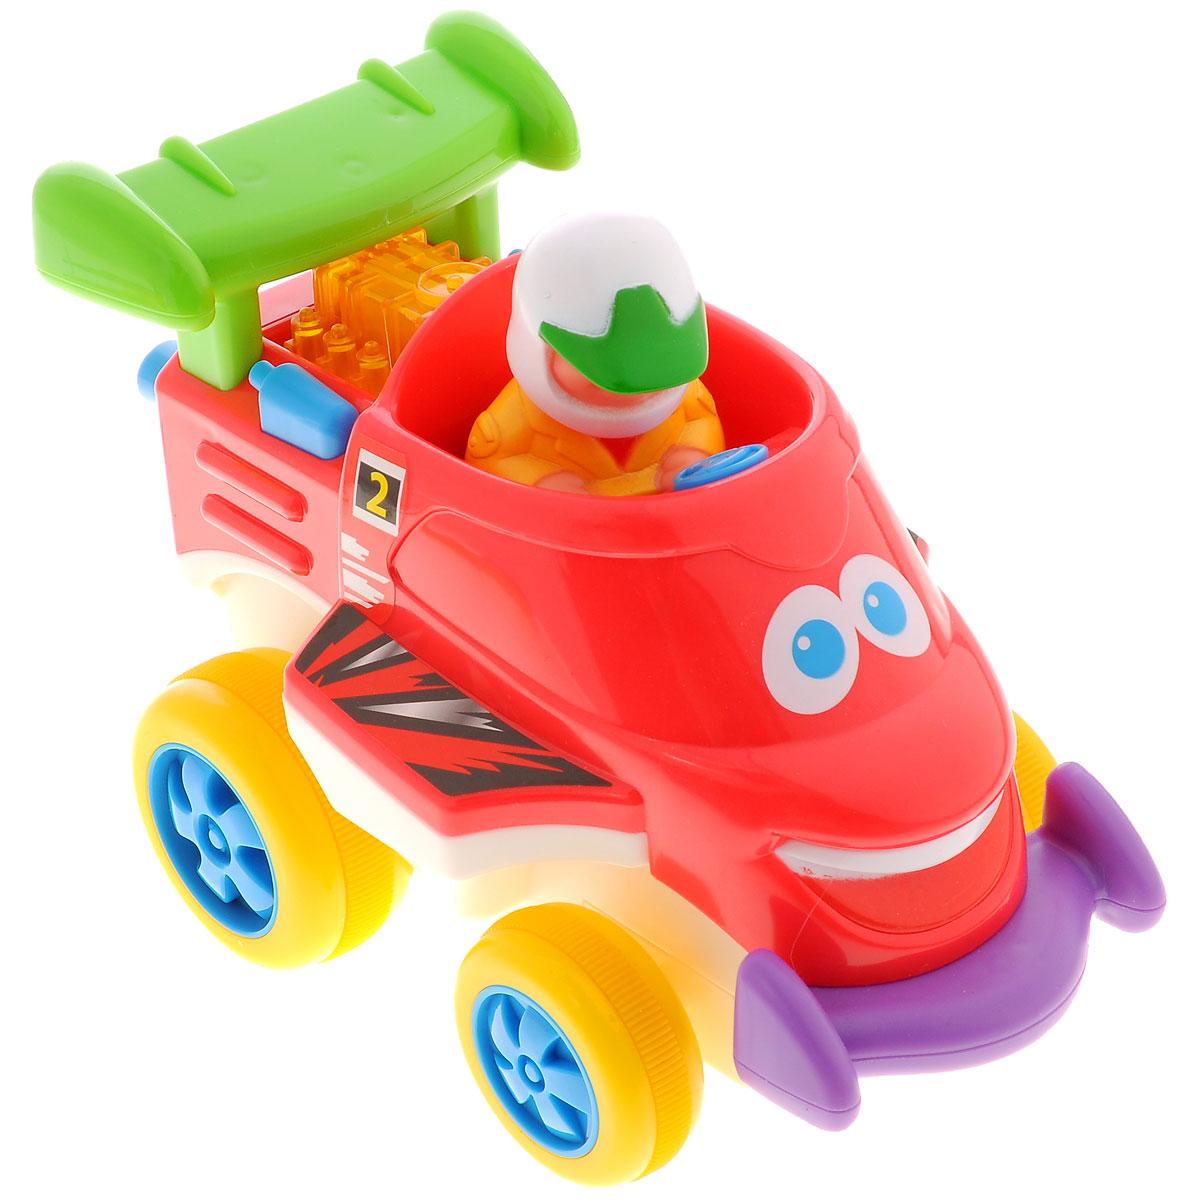 Kiddieland Развивающая игрушка Забавный автомобильчик